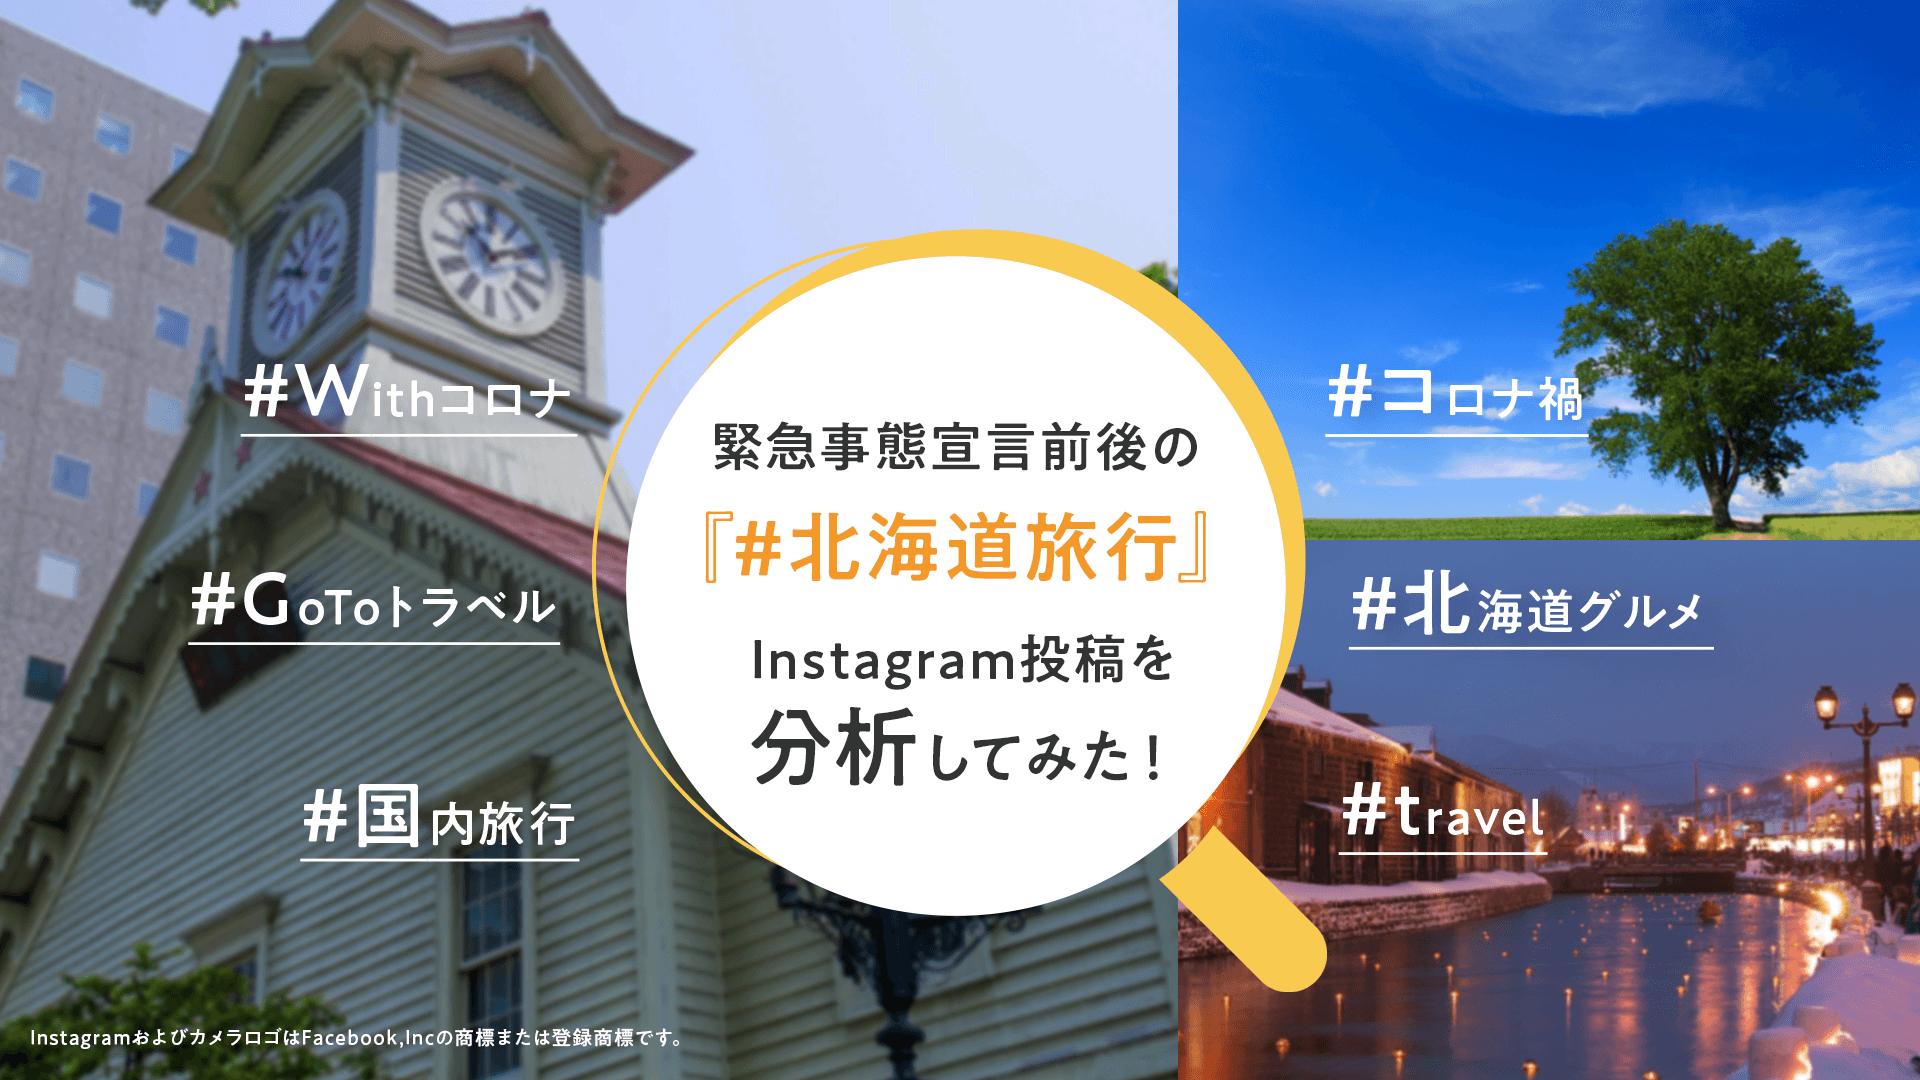 緊急事態宣言前後の『#北海道旅行』Instagram投稿を分析してみた!